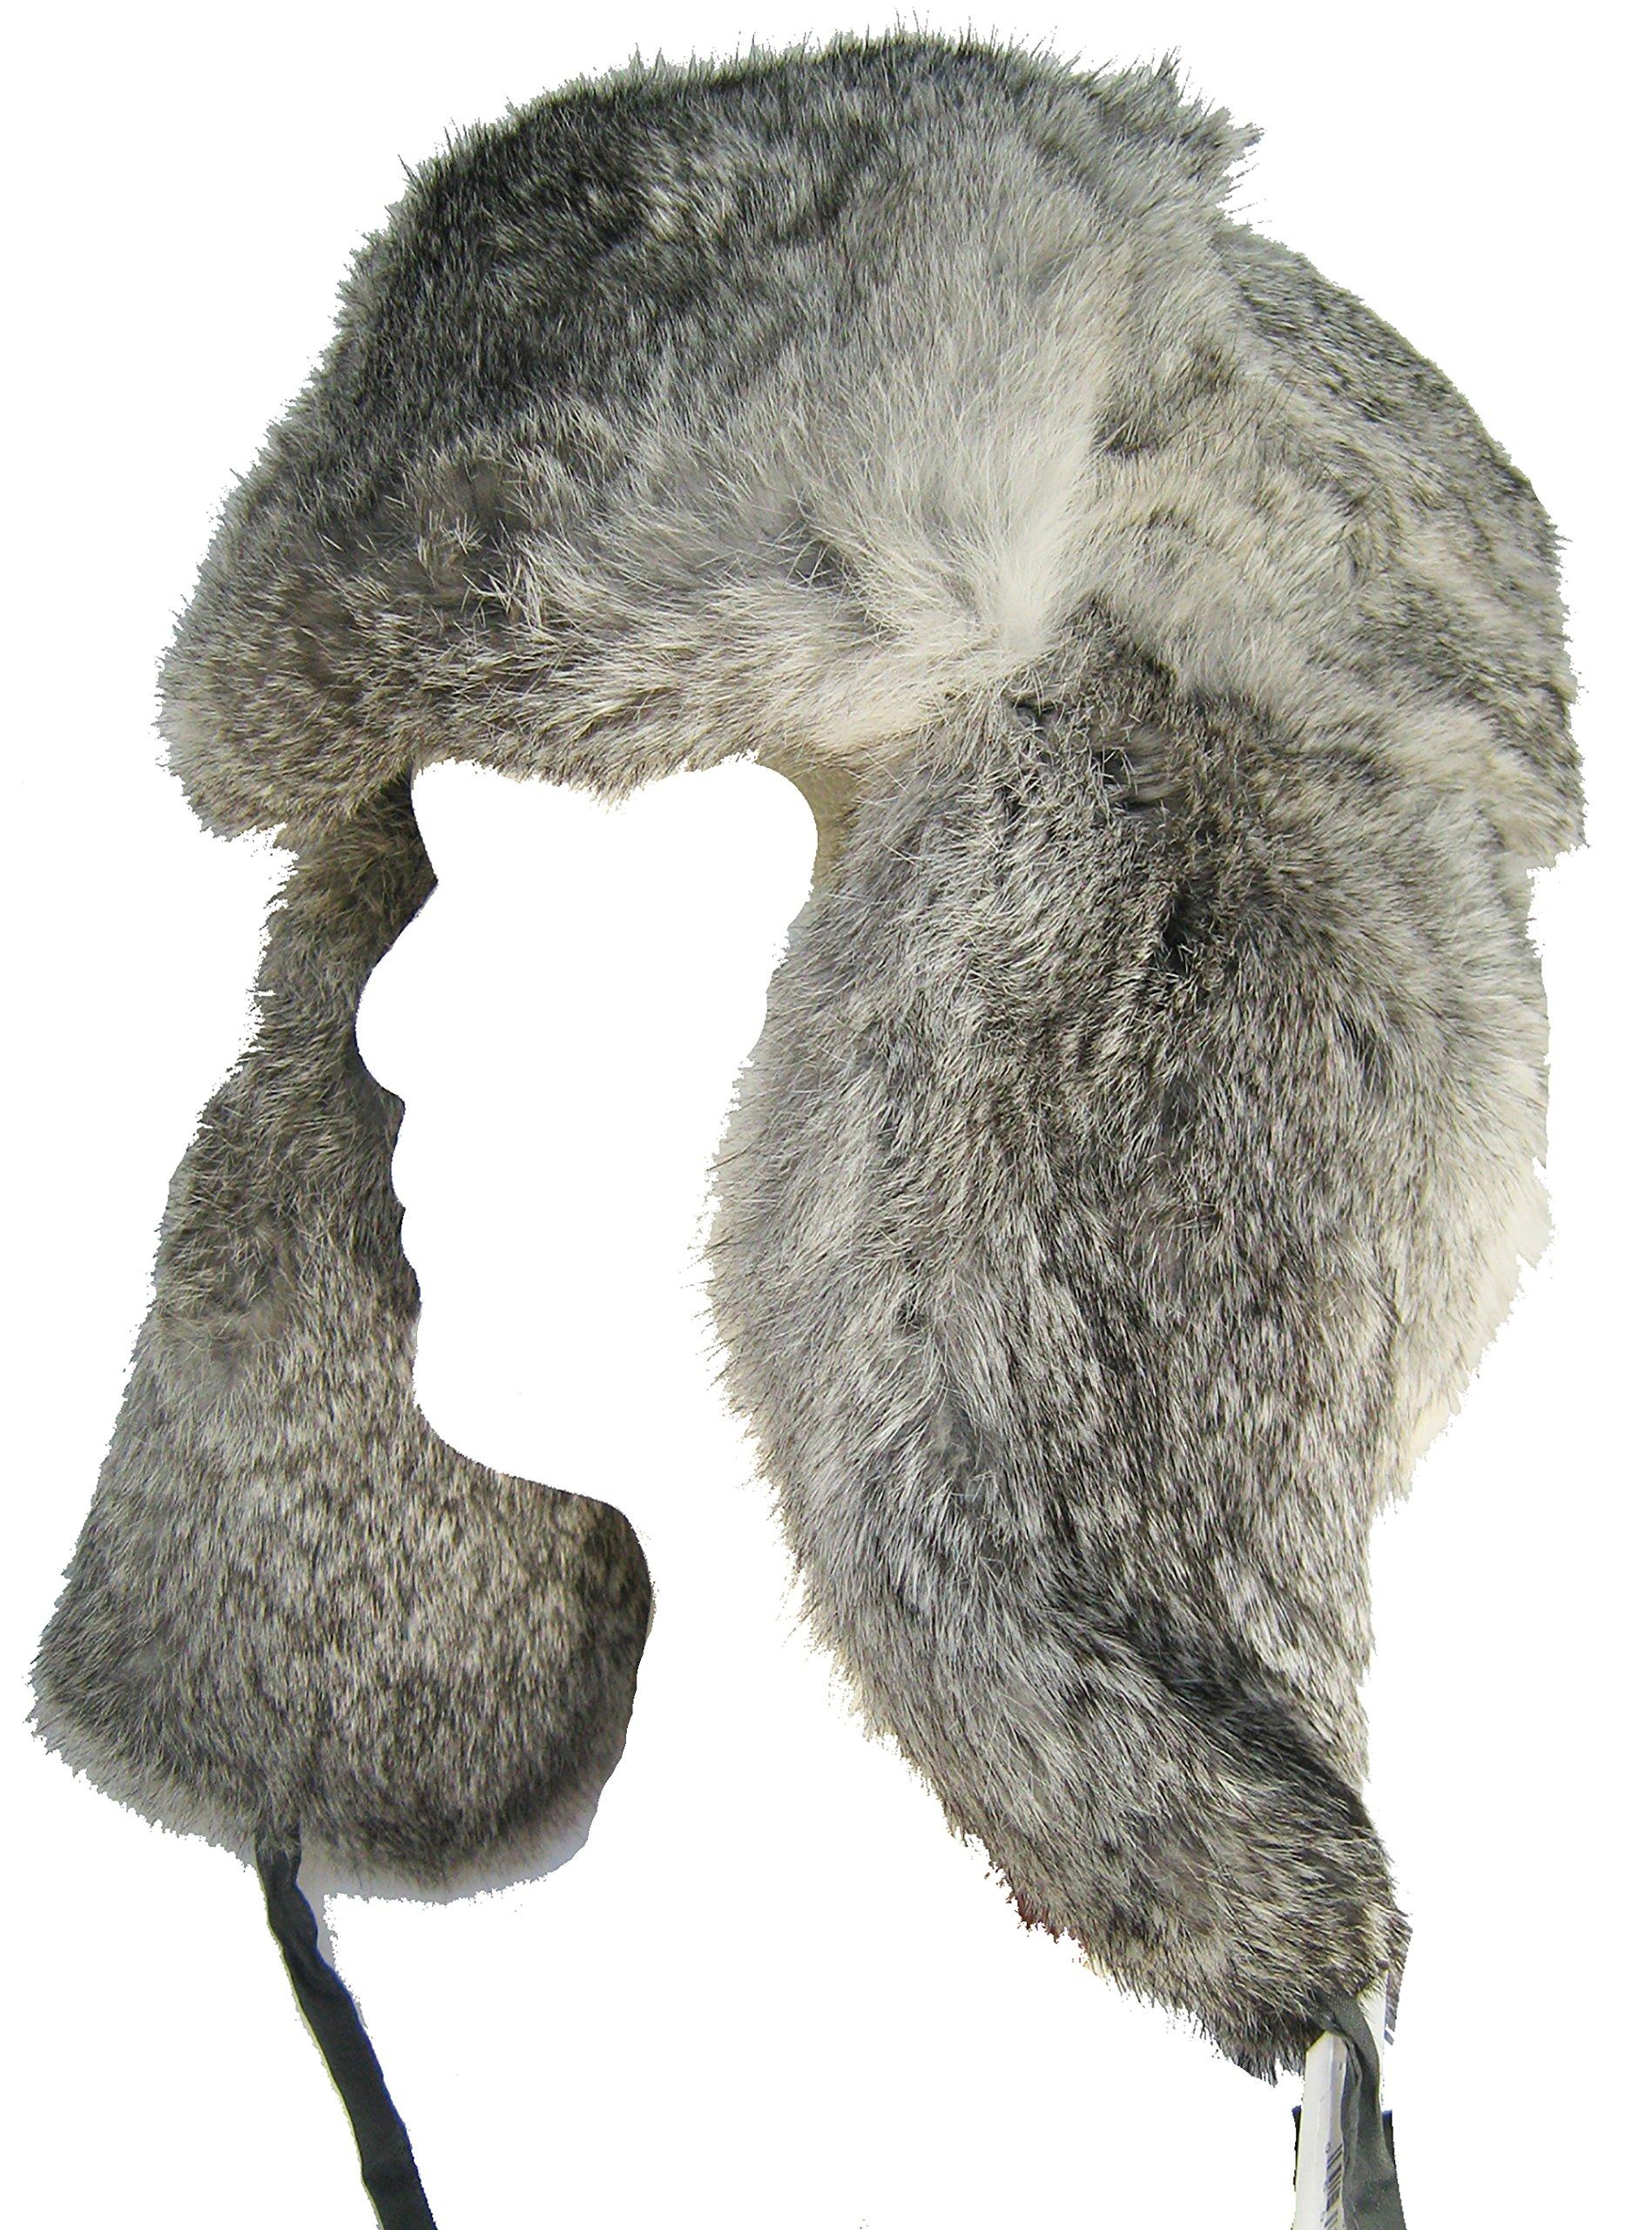 Klondike Sterling Russian Rabbit Fur Trooper Grey S (6 7/8) by Klondike Sterling